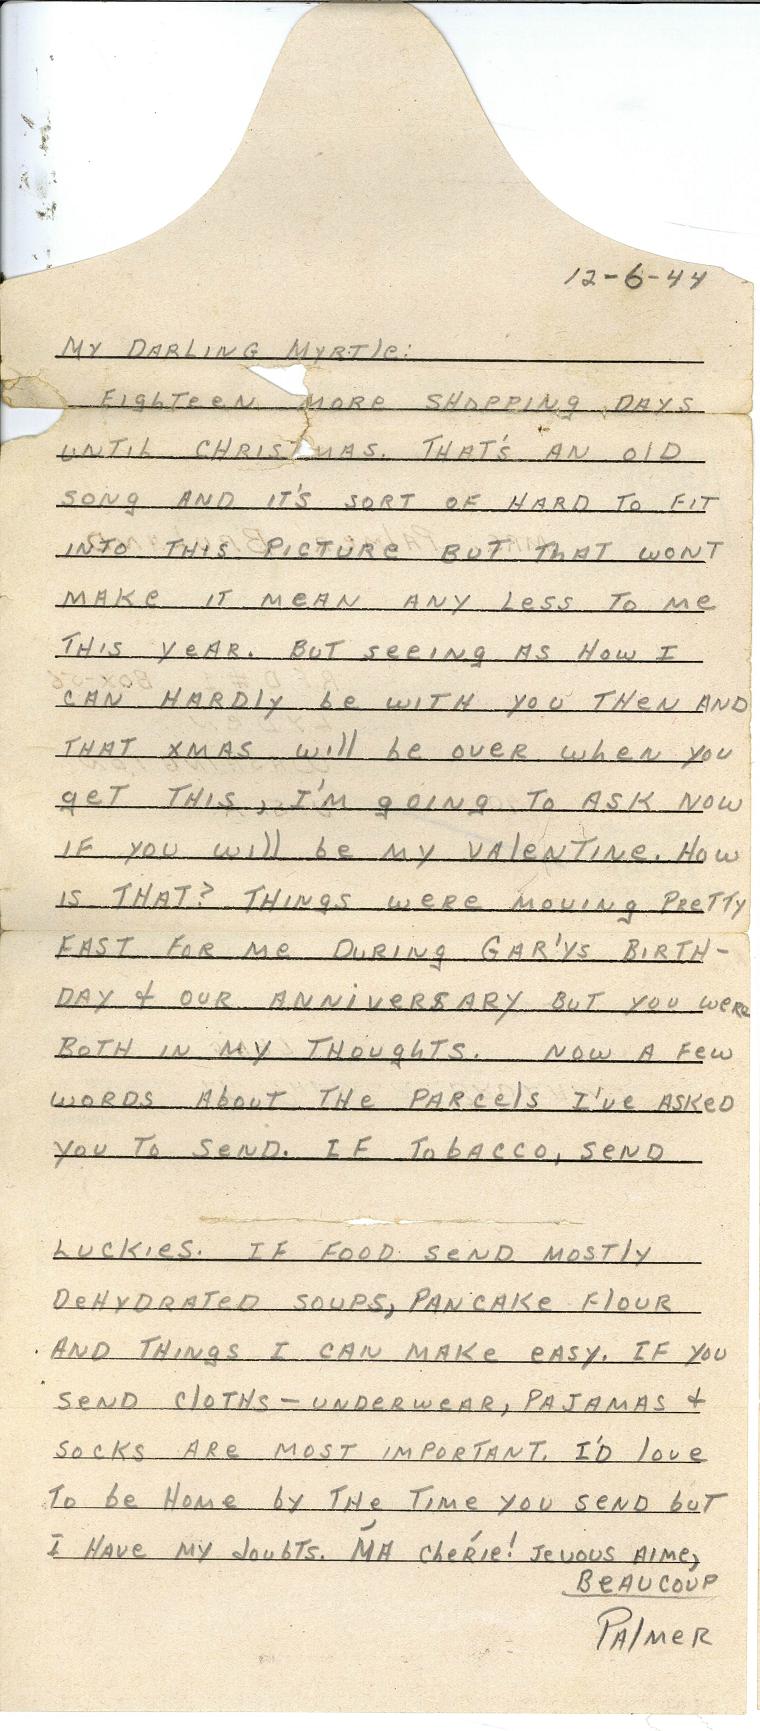 Bruland letter 12-6-44